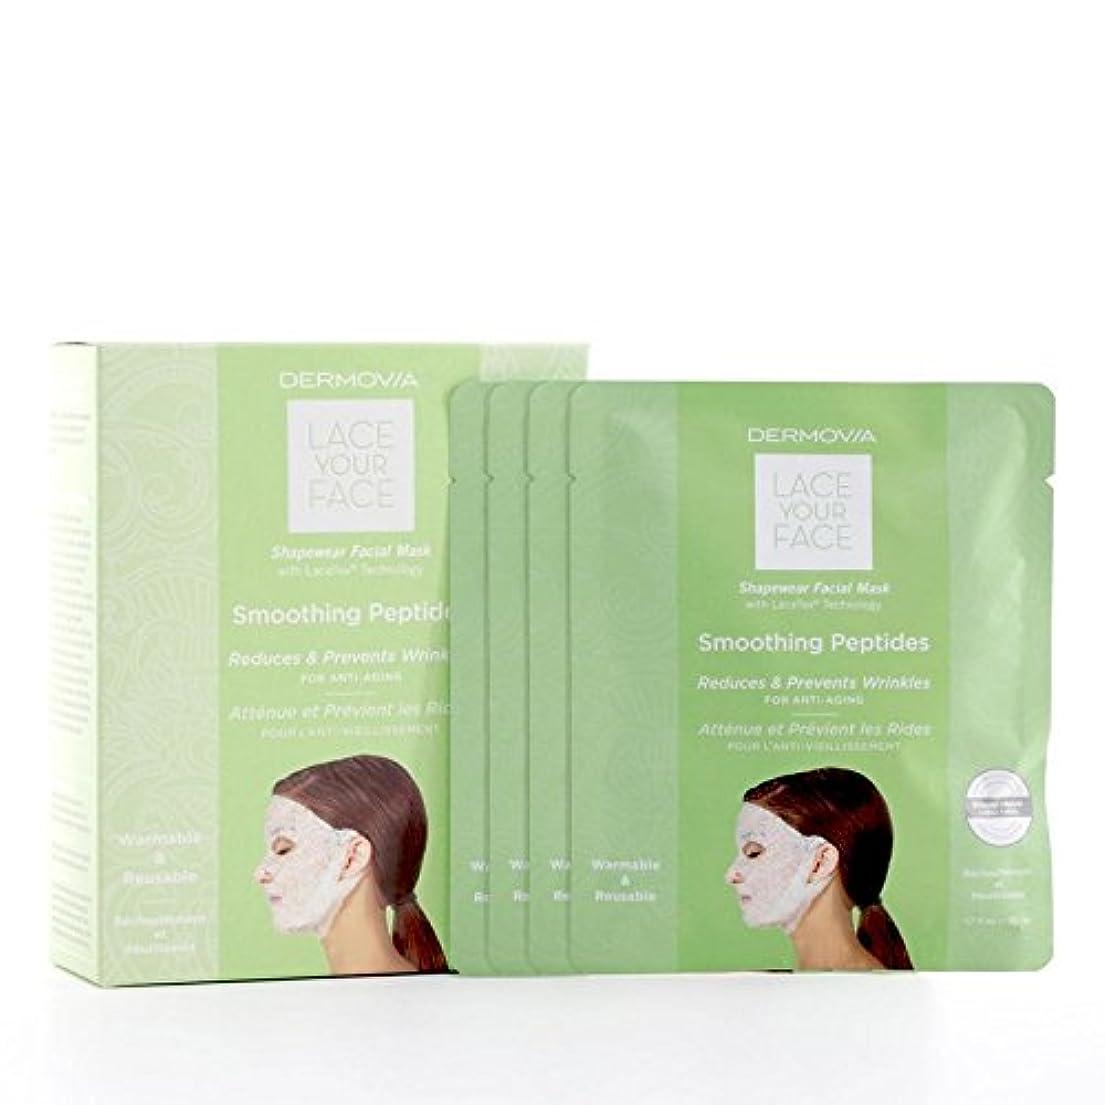 広くパーチナシティ戦士Dermovia Lace Your Face Compression Facial Mask Smoothing Peptides (Pack of 6) - は、あなたの顔の圧縮フェイシャルマスク平滑化ペプチドをひもで...